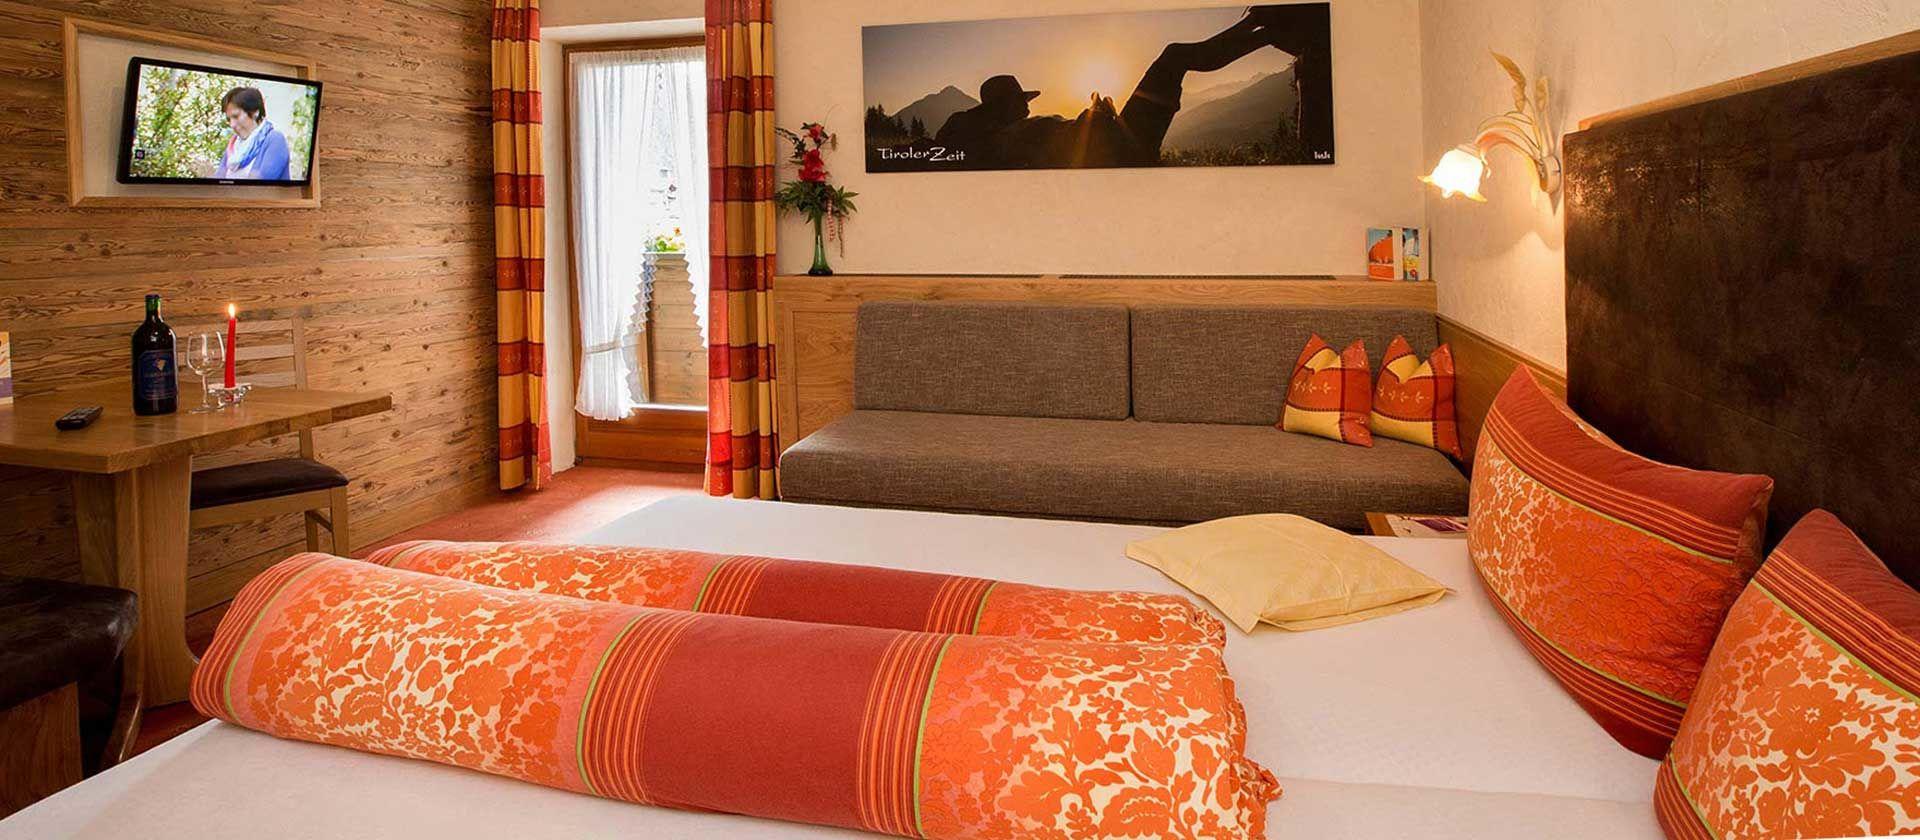 Hotel Jägerhof Kaunertal - Foto bildkreis FOTOGRAFIE Bildagentur